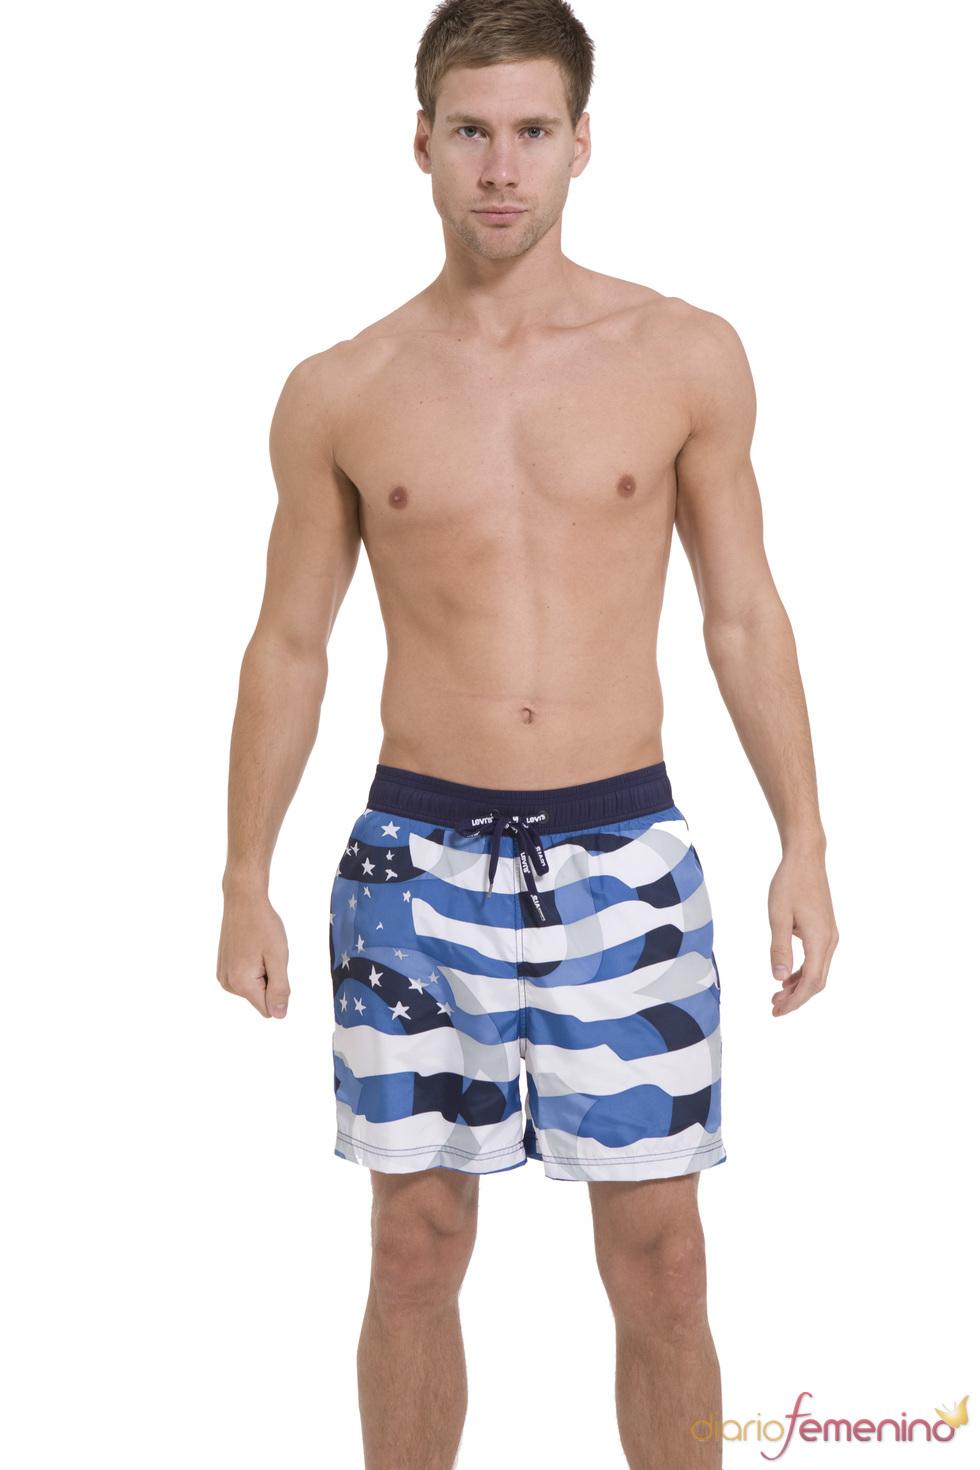 Bañador marinero de la colección SS10 de Levi's